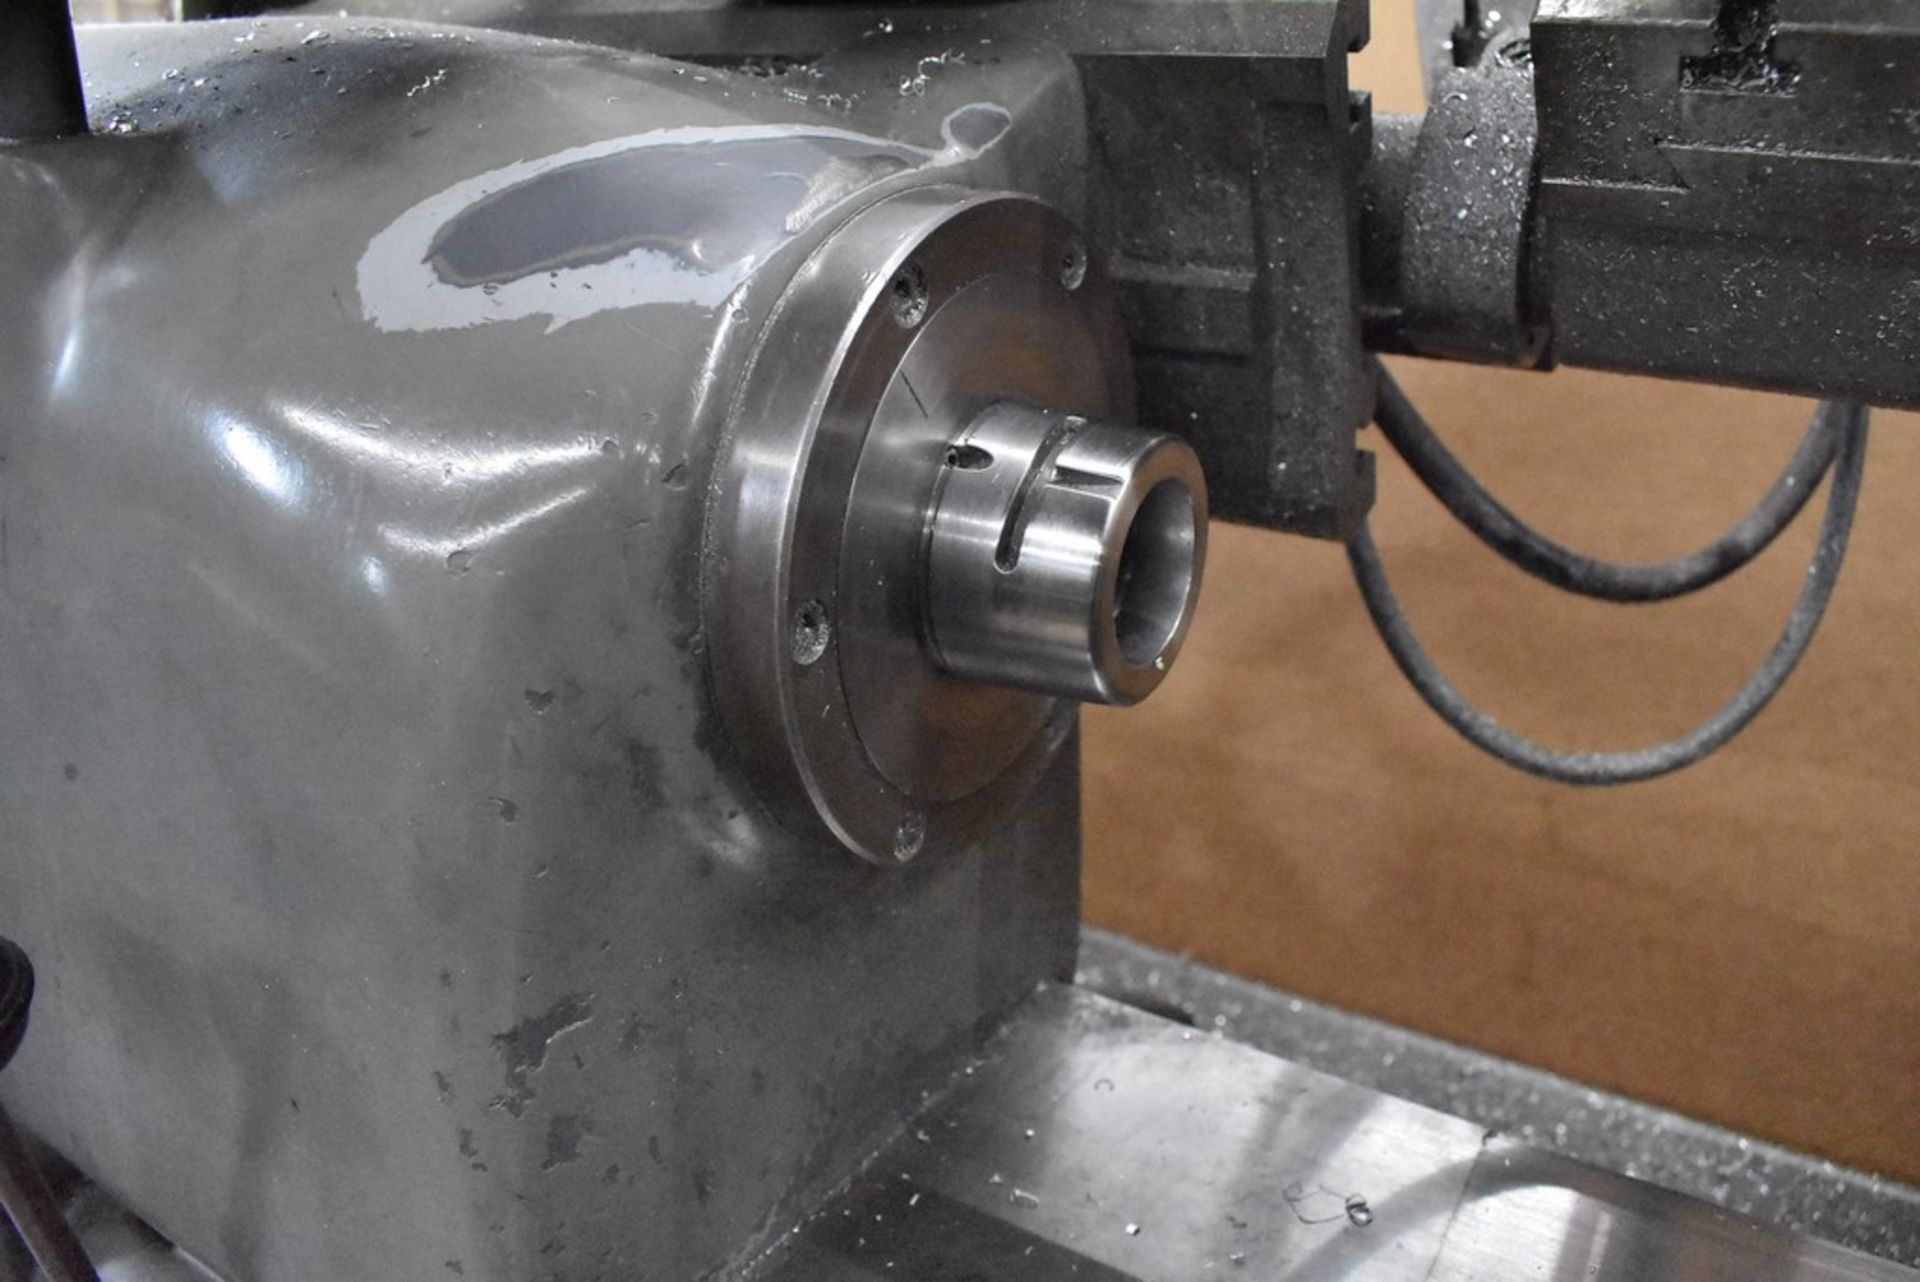 HARDINGE LATHE HCAT CABINET BASE LEADSCREW THREADING CHUCKER, S/N HC-2699G, WITH LEADSCREW THREADING - Image 11 of 25